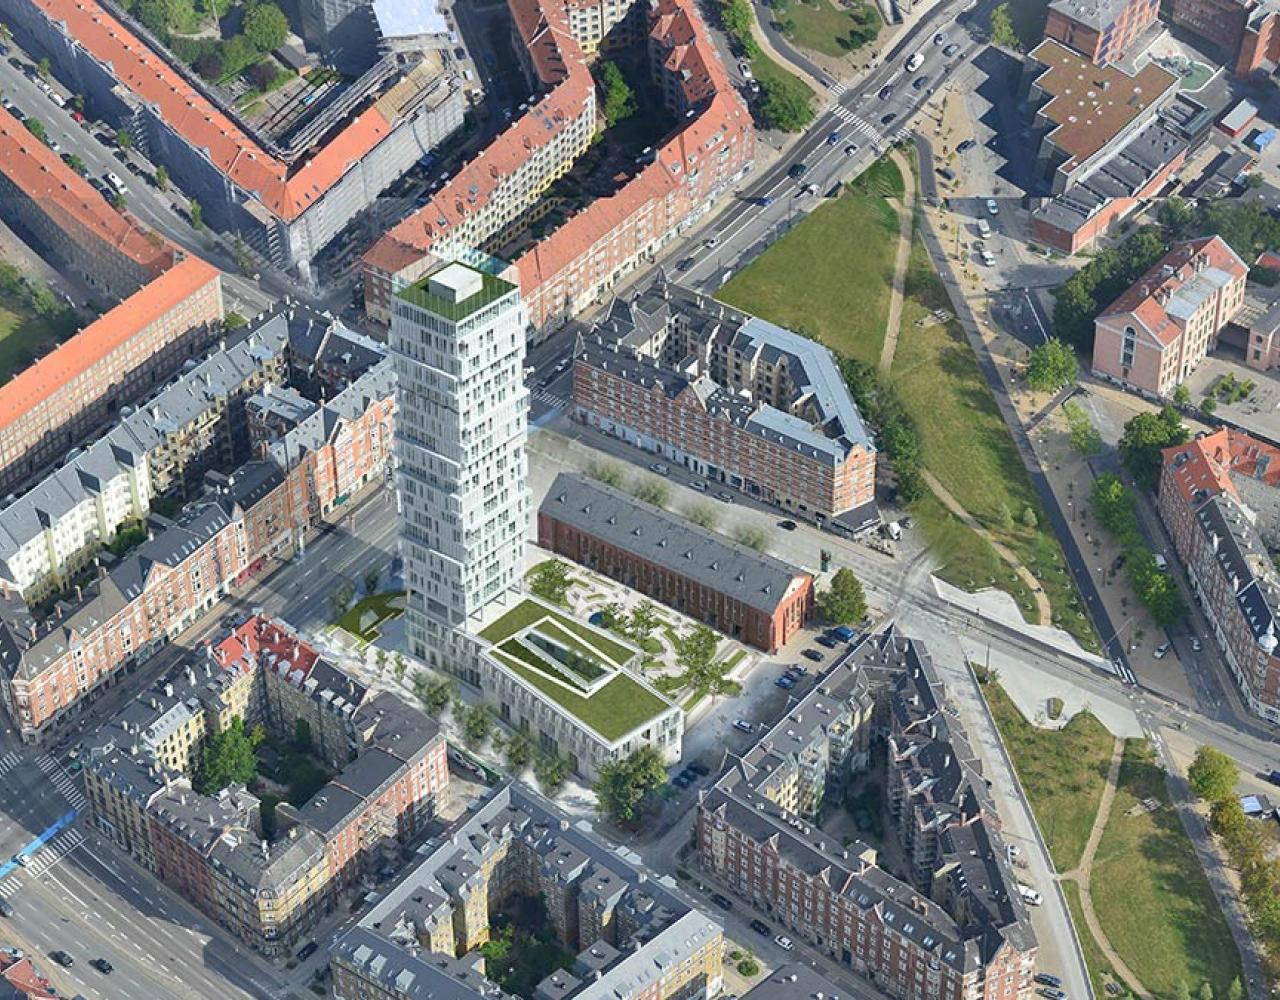 højhus nuuks plads luftperspektiv